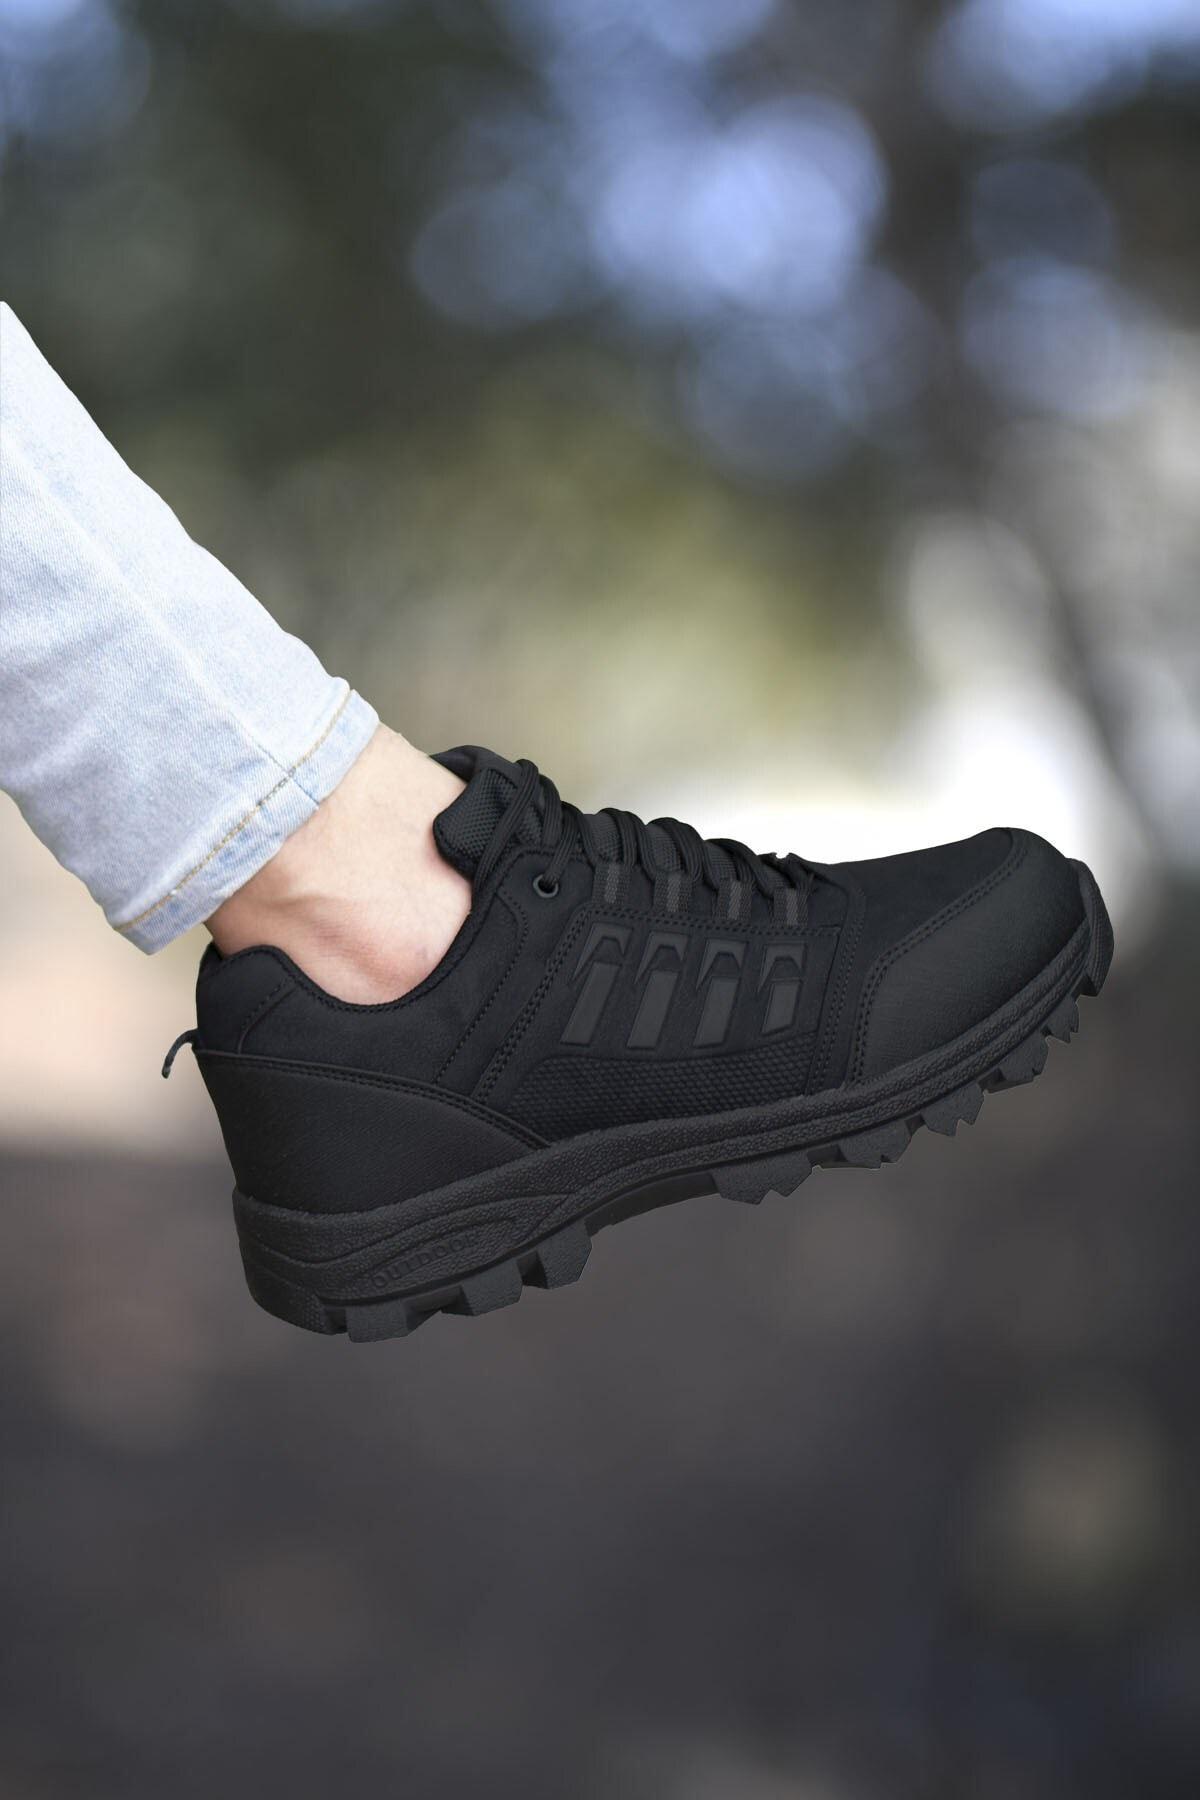 Riccon Siyah Erkek Trekking Ayakkabı 0012x5 1